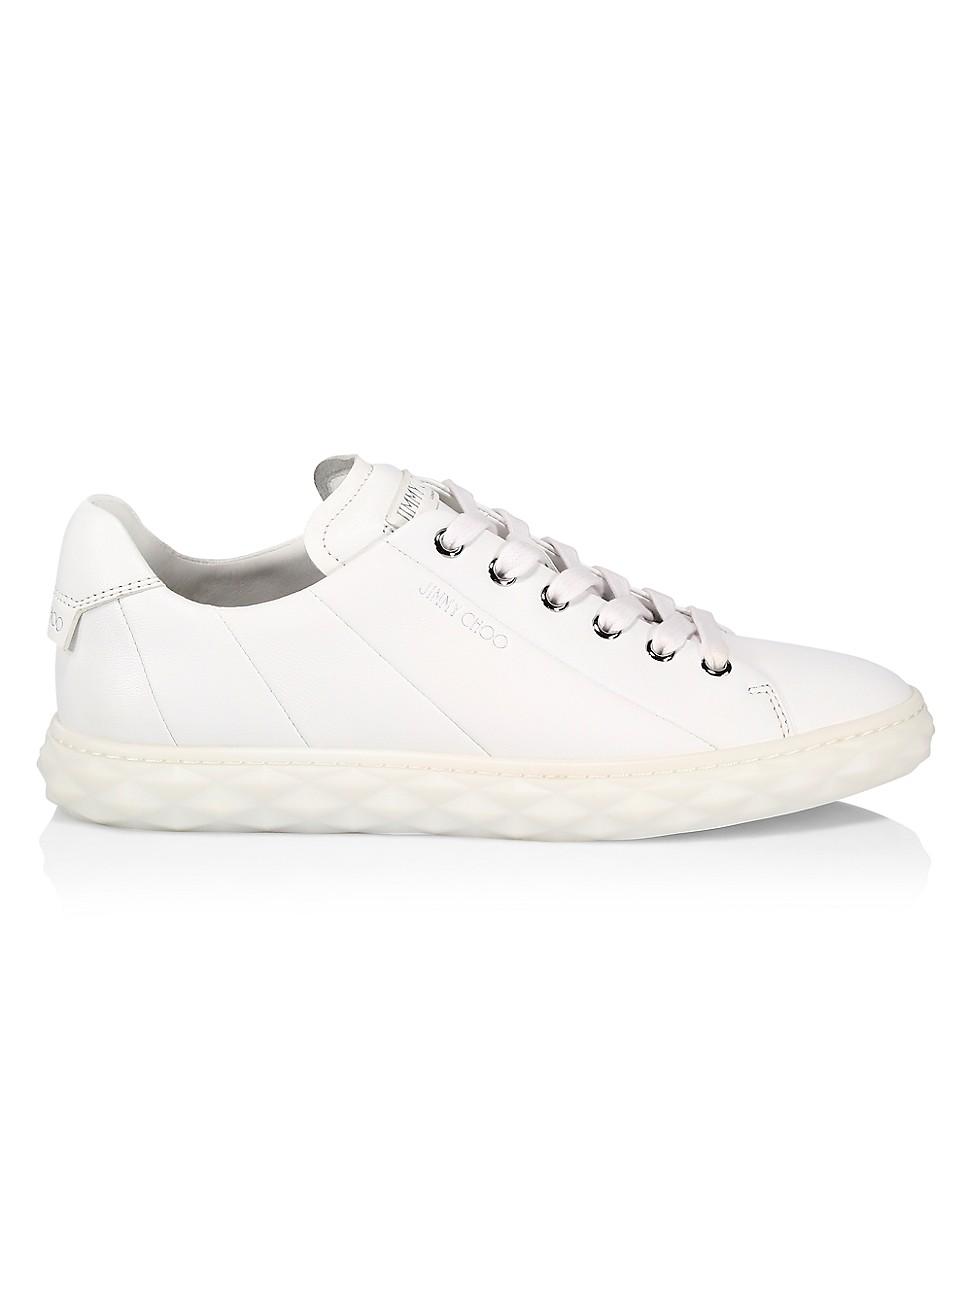 Jimmy Choo Sneakers WOMEN'S DIAMOND LEATHER SNEAKERS